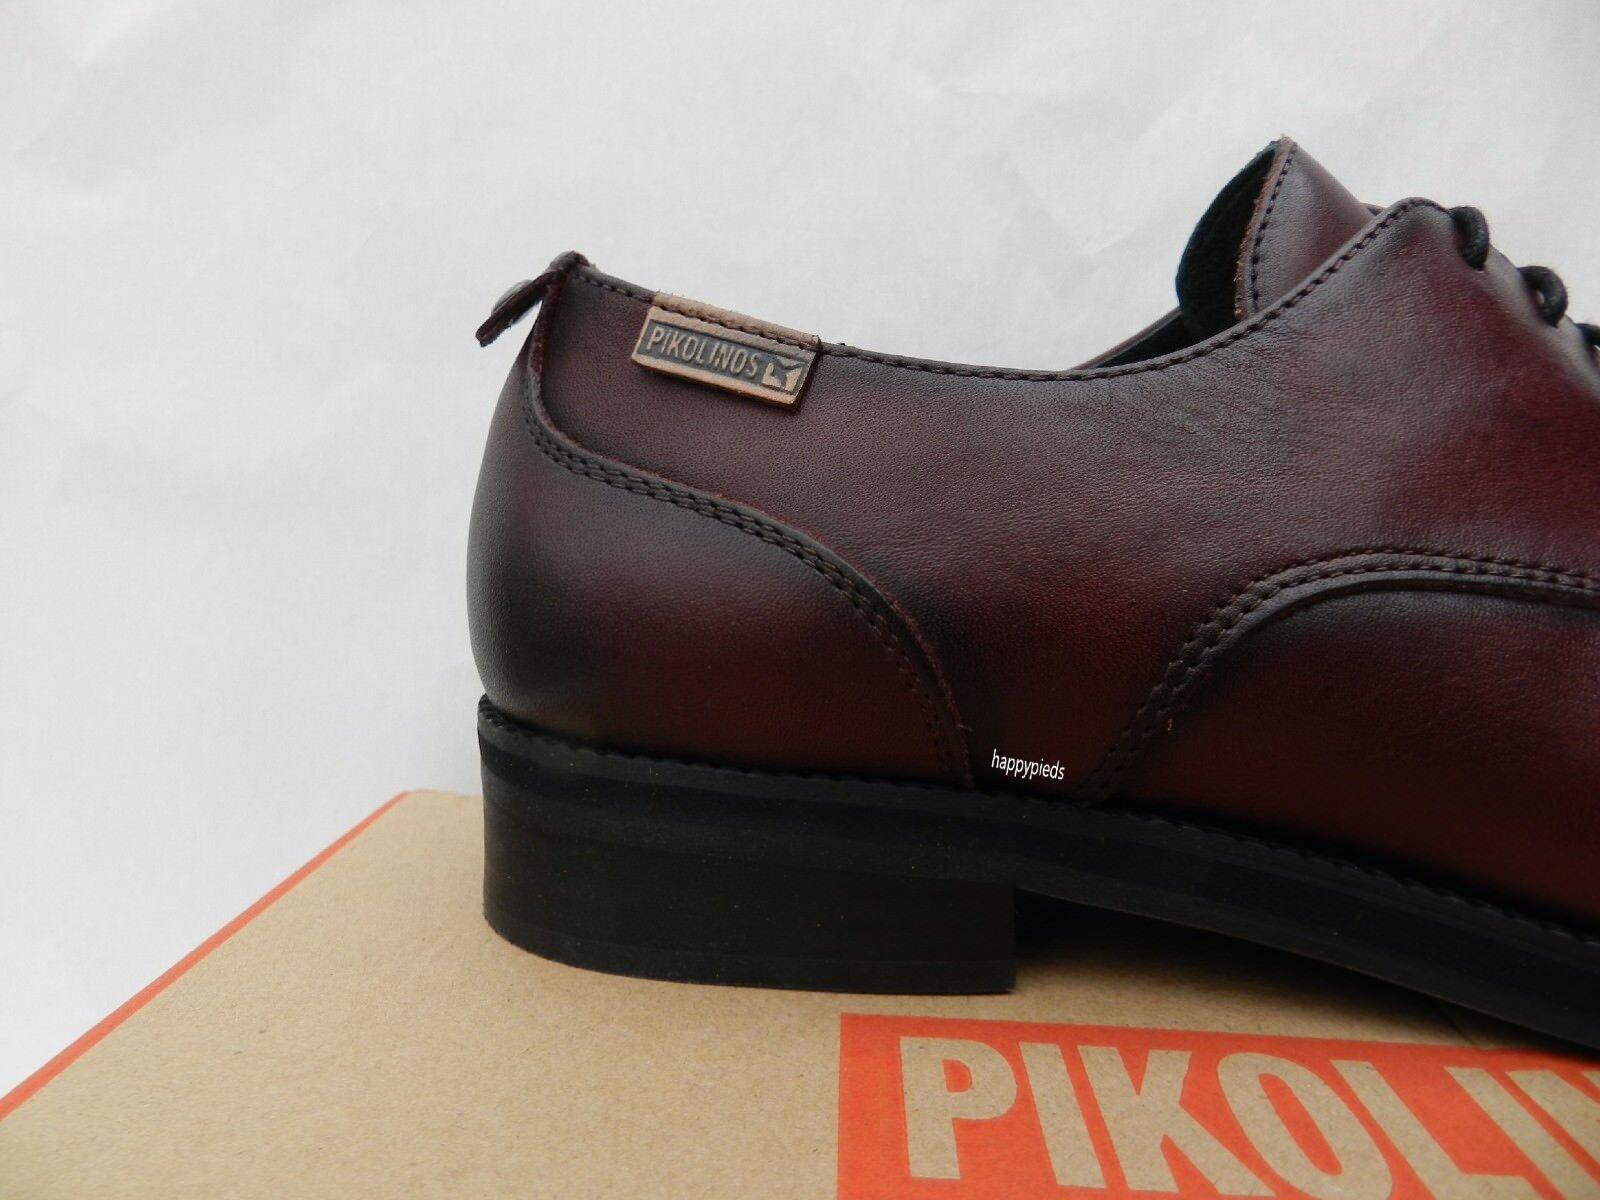 Pikolinos Royal shoes Femme 40 Derbies Bordeaux Bordeaux Bordeaux Ballerines W5M 4566 New UK7 cbcaa6